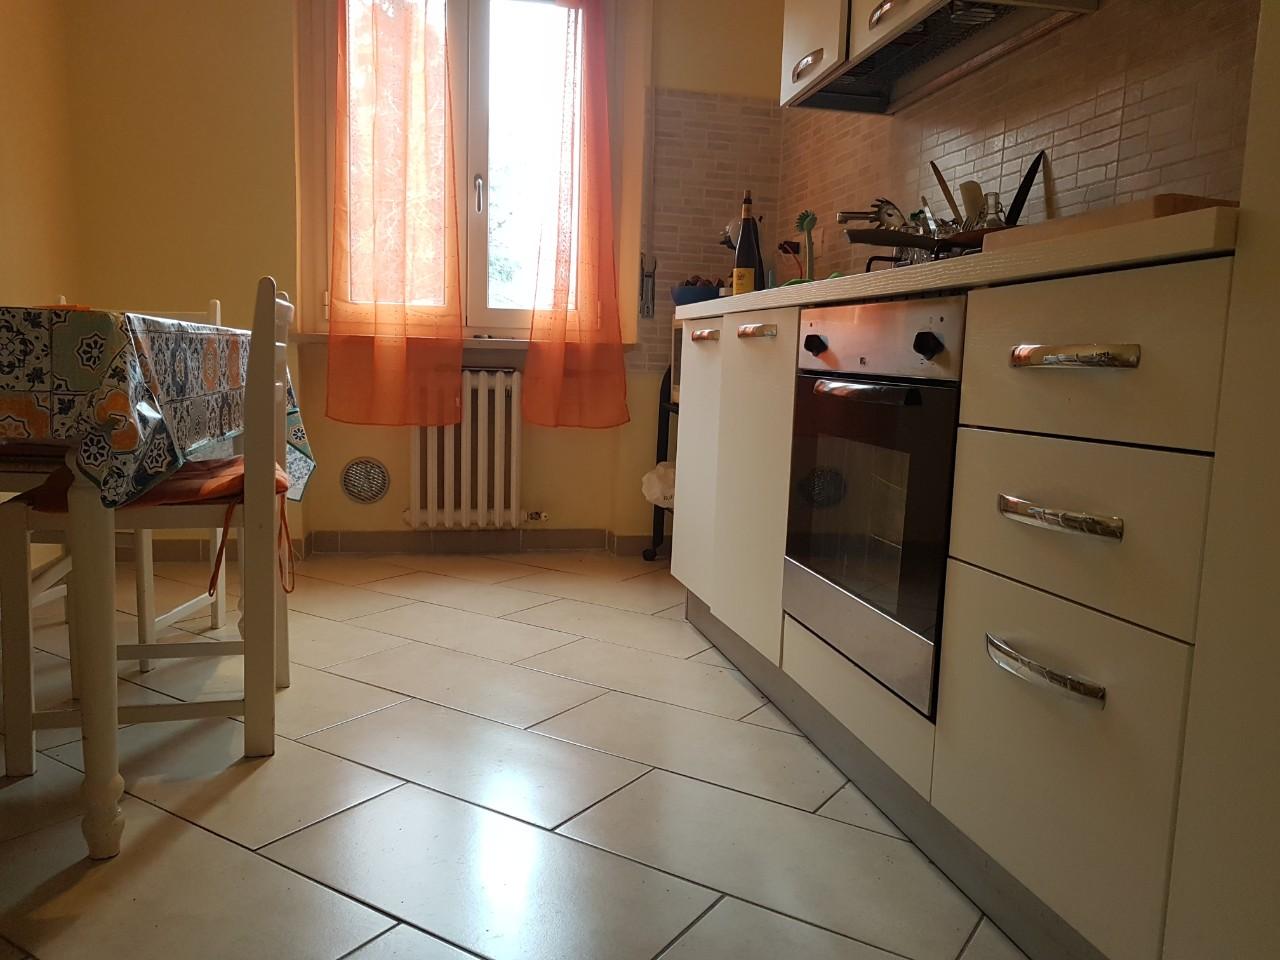 Camera Singola-doppia in affitto Parma Zona Cittadella